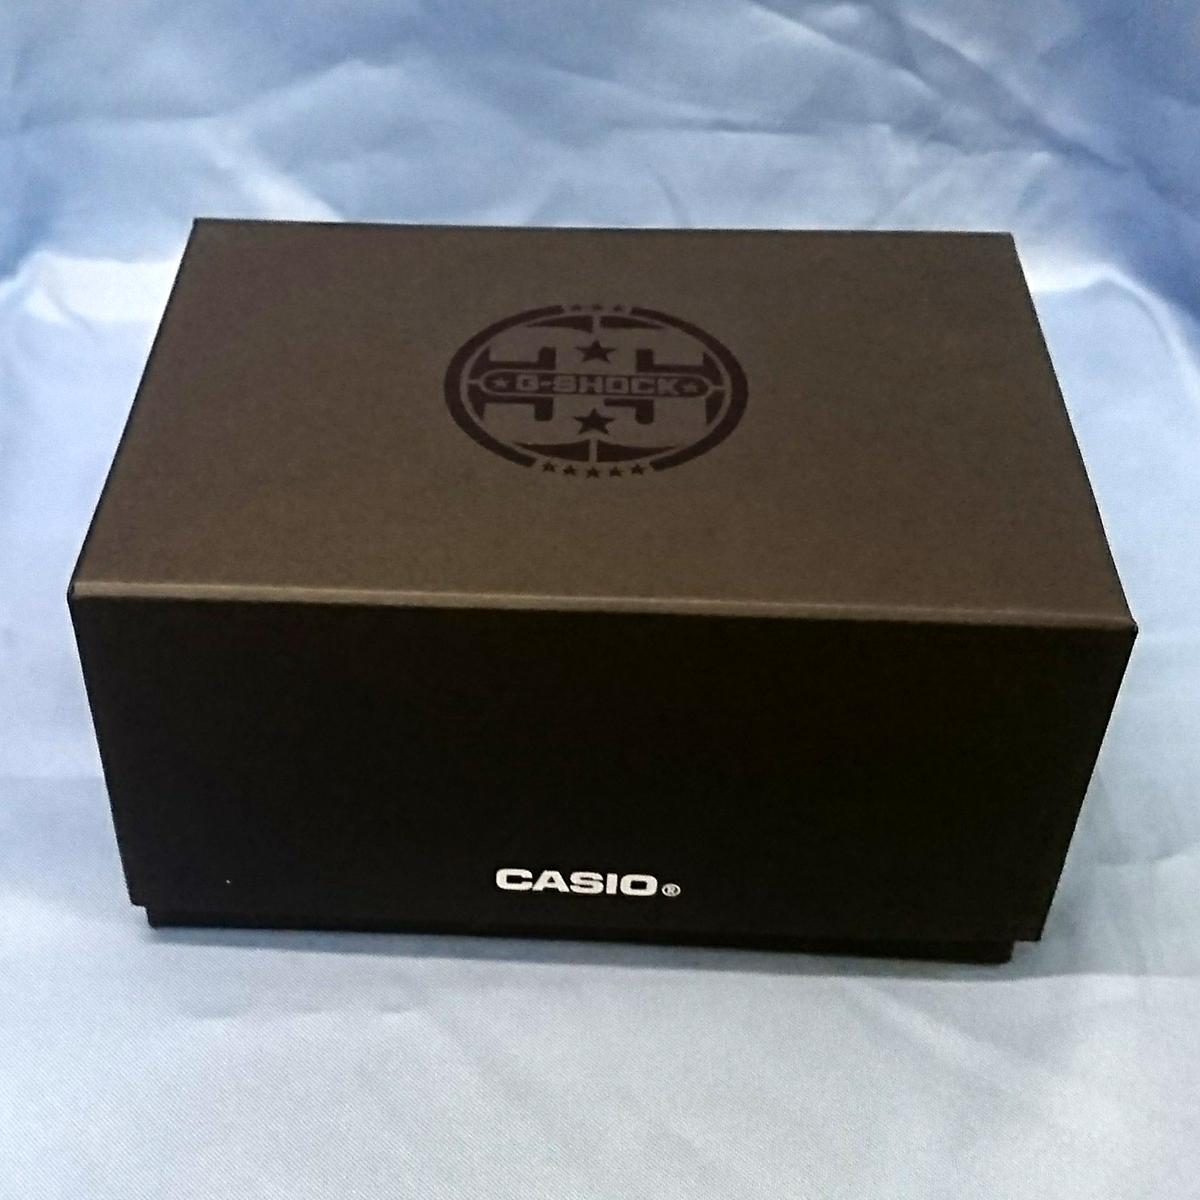 新品 撮影開封のみ 未使用 CASIO G-SHOCK 35周年記念限定モデル フルメタル GOLD ゴールド Gショック GMW-B5000TFG-9JR 正規品_画像5